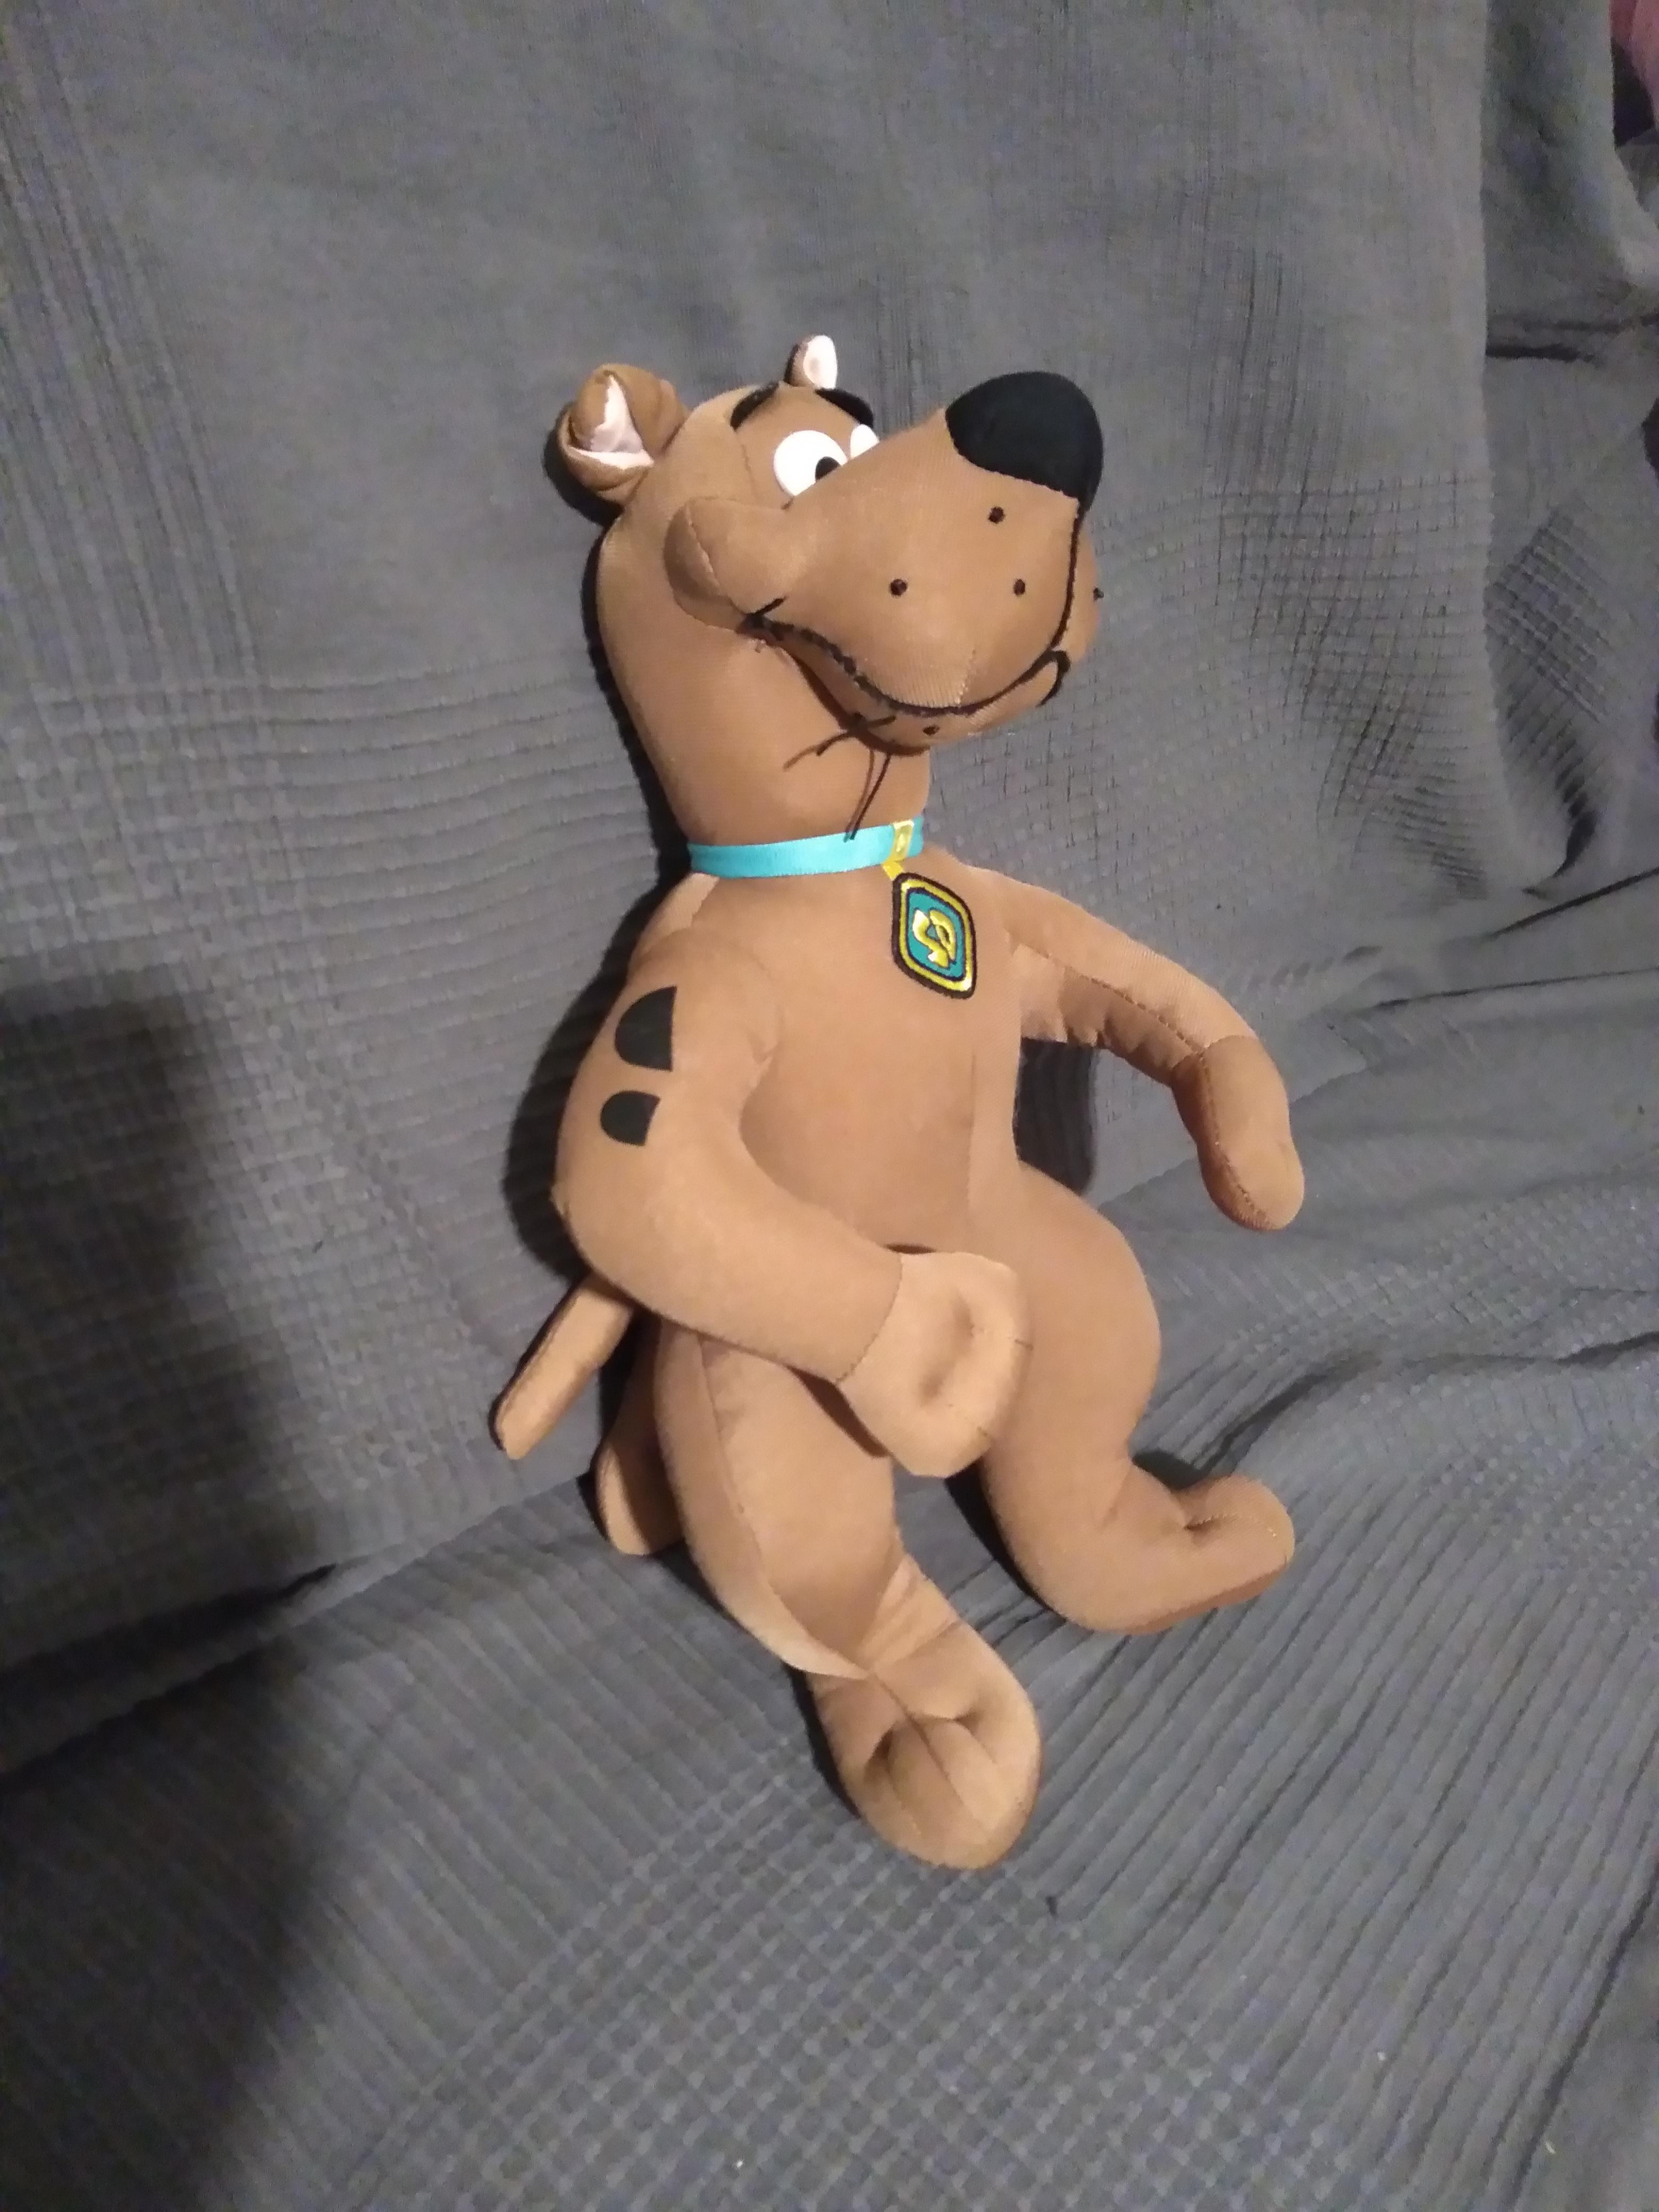 troc de troc 1 jouet scoubidou image 0